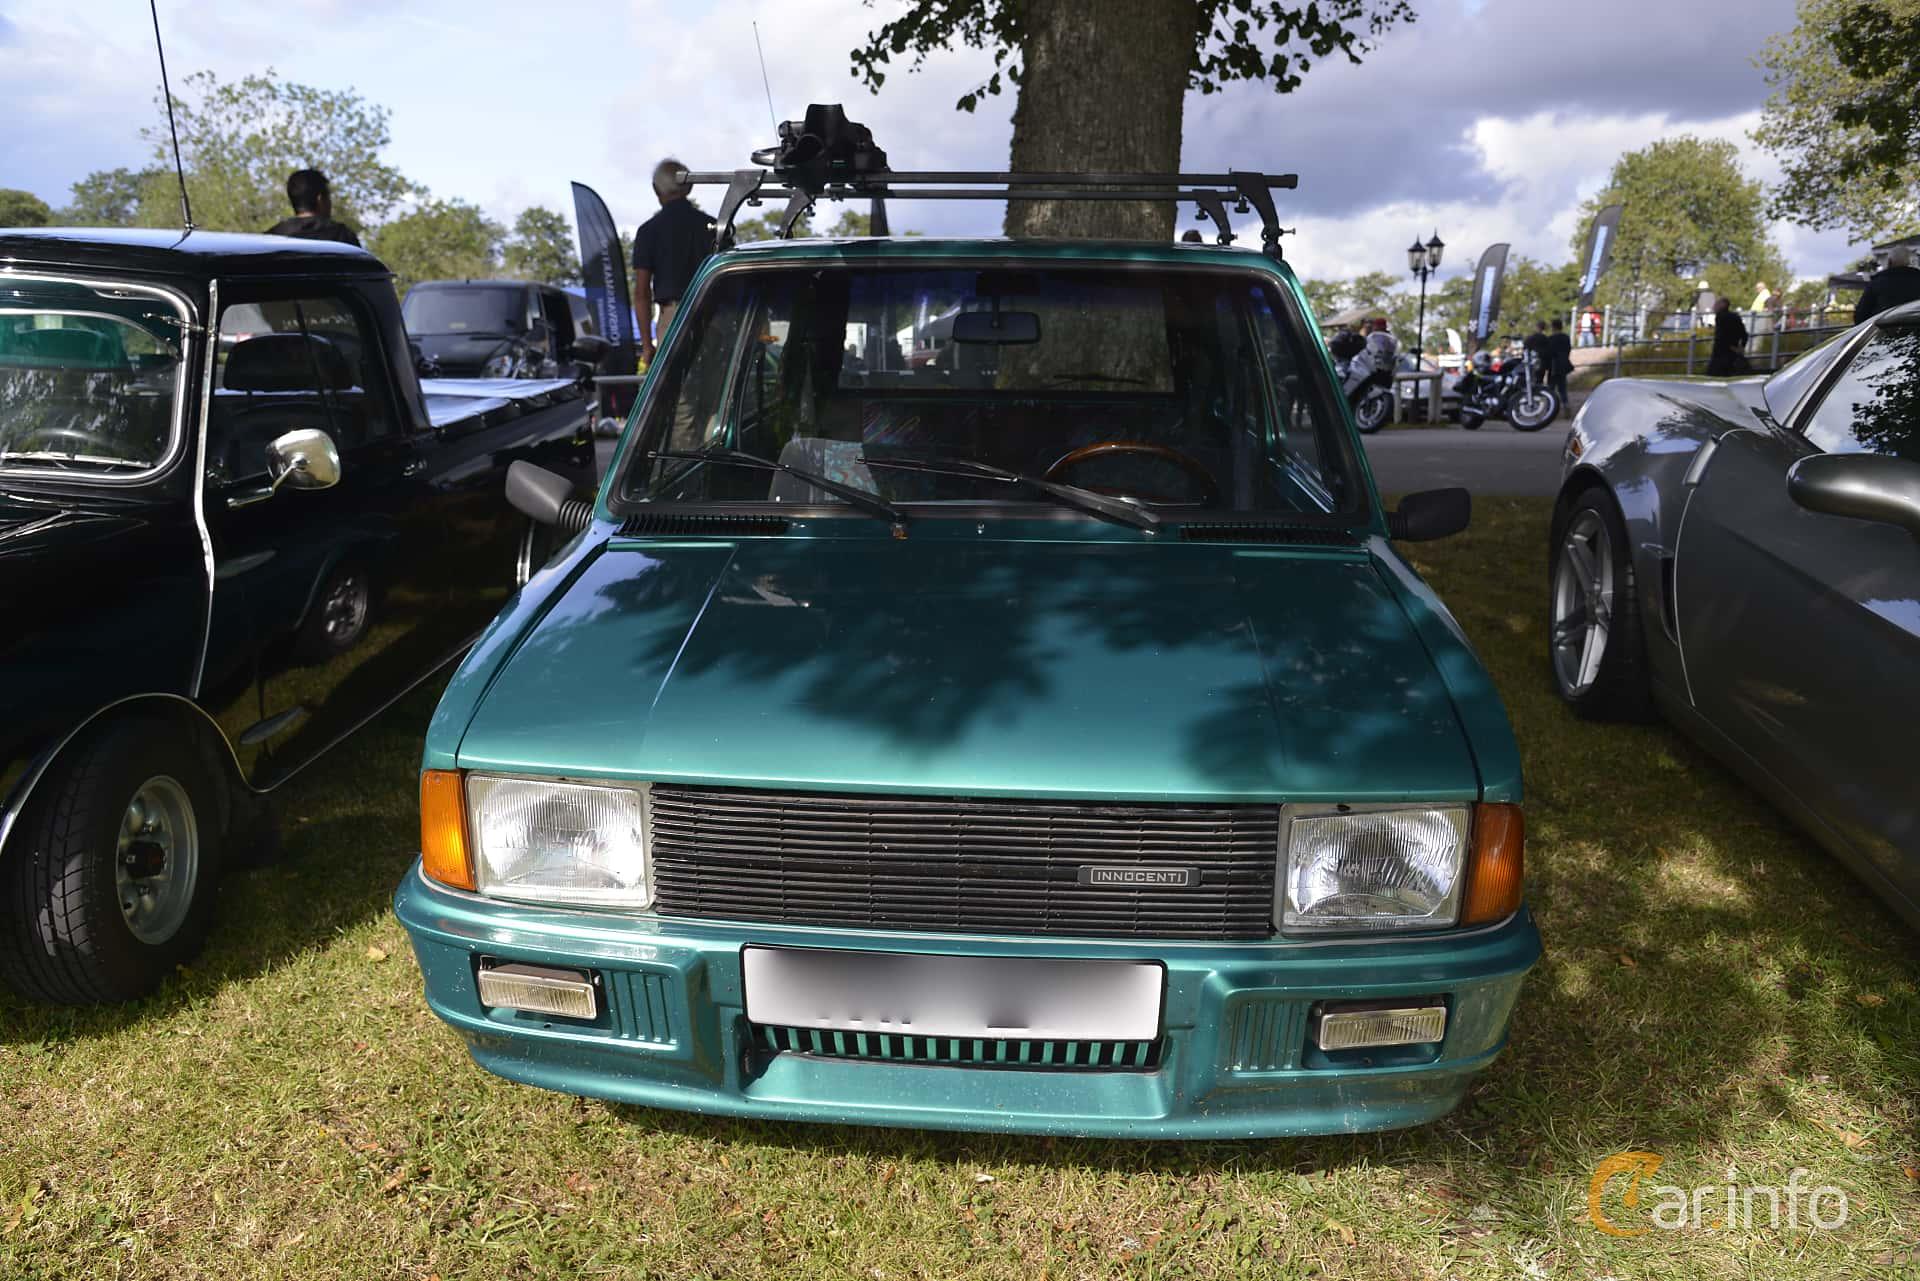 Front  of Innocenti Mini 120L 1.3 Manual, 64ps, 1977 at Sportvagnsträffen 2015